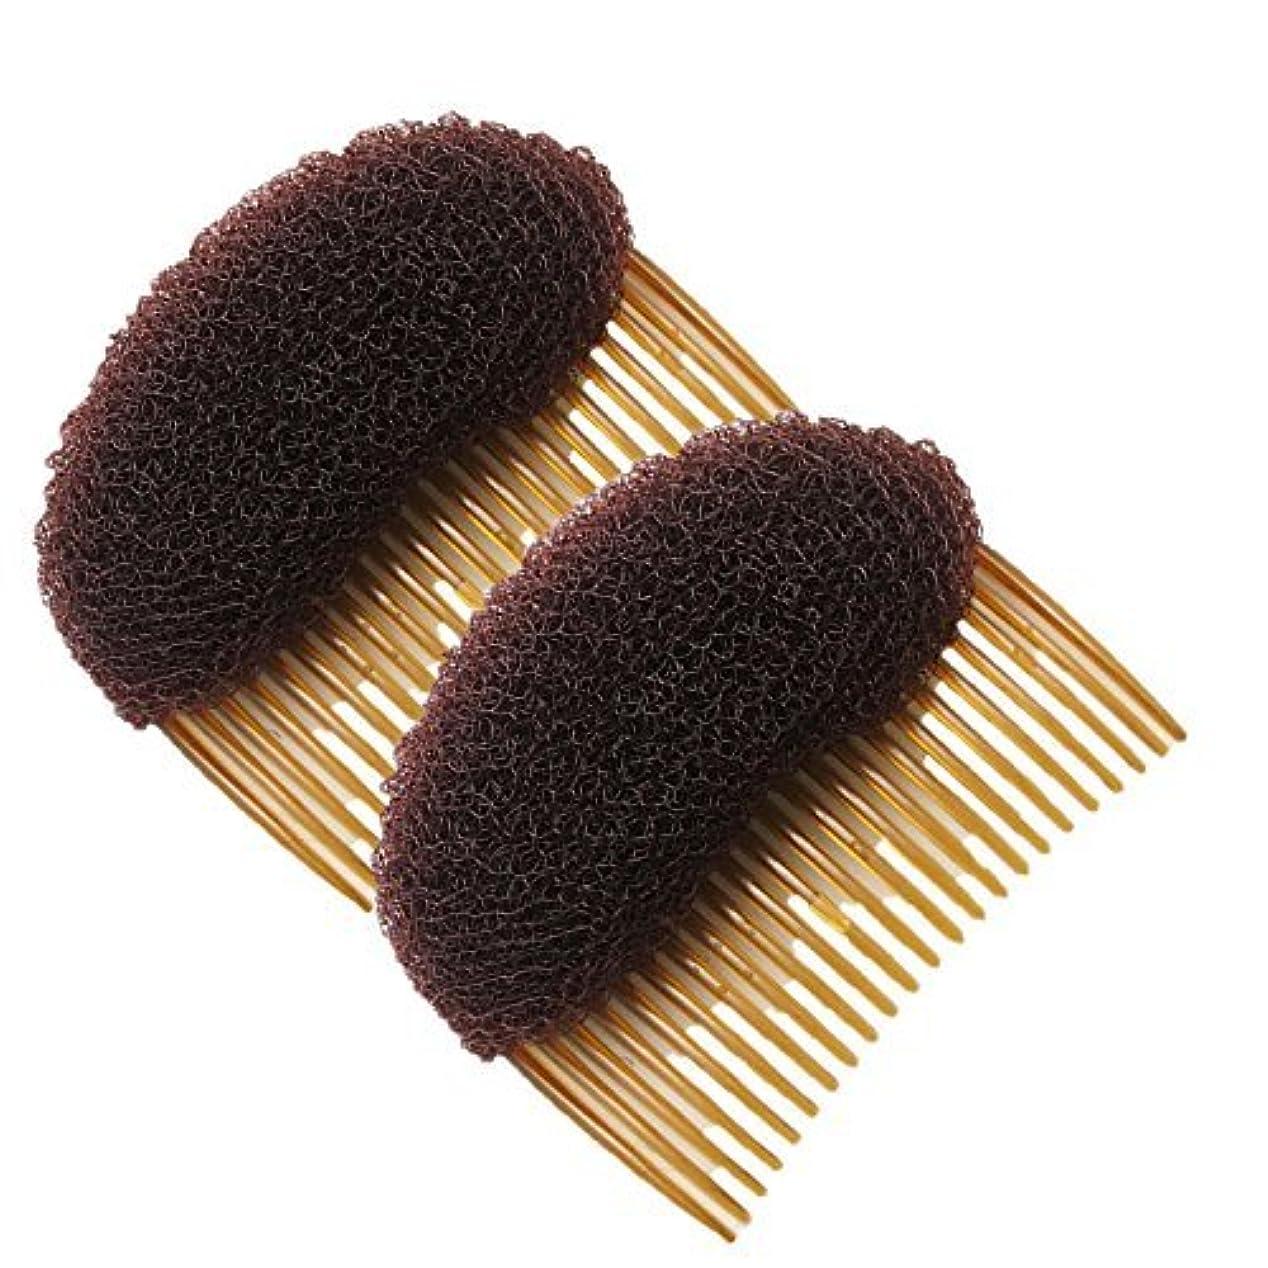 め言葉やりがいのある発掘するHealtheveryday?2PCS Charming BUMP IT UP Volume Inserts Do Beehive hair styler Insert Tool Hair Comb Black/Brown...